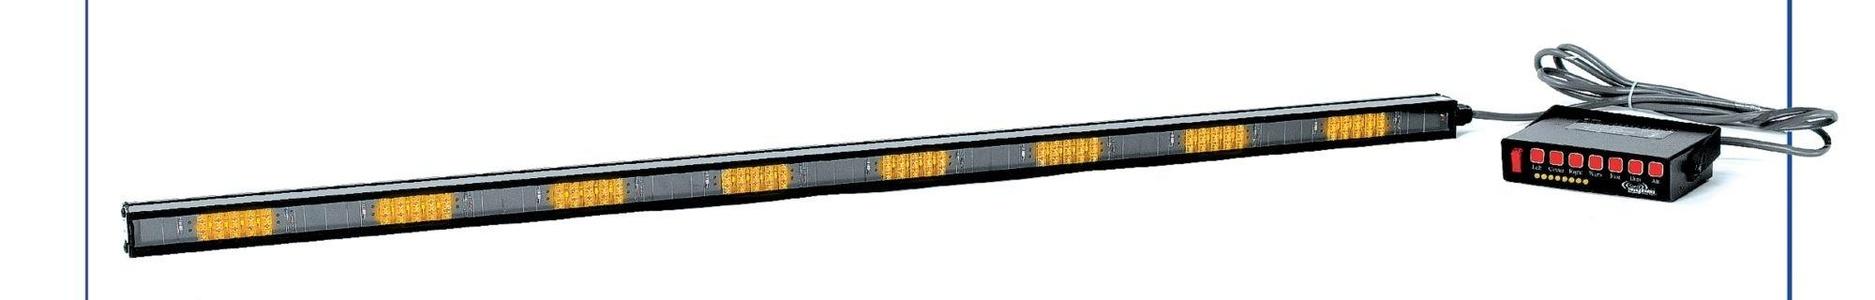 Star Headlight & Lantern - 3VPL9 - Amber, LED Directional Lightstick, 12VDC, Permanent Mounting, Length 48